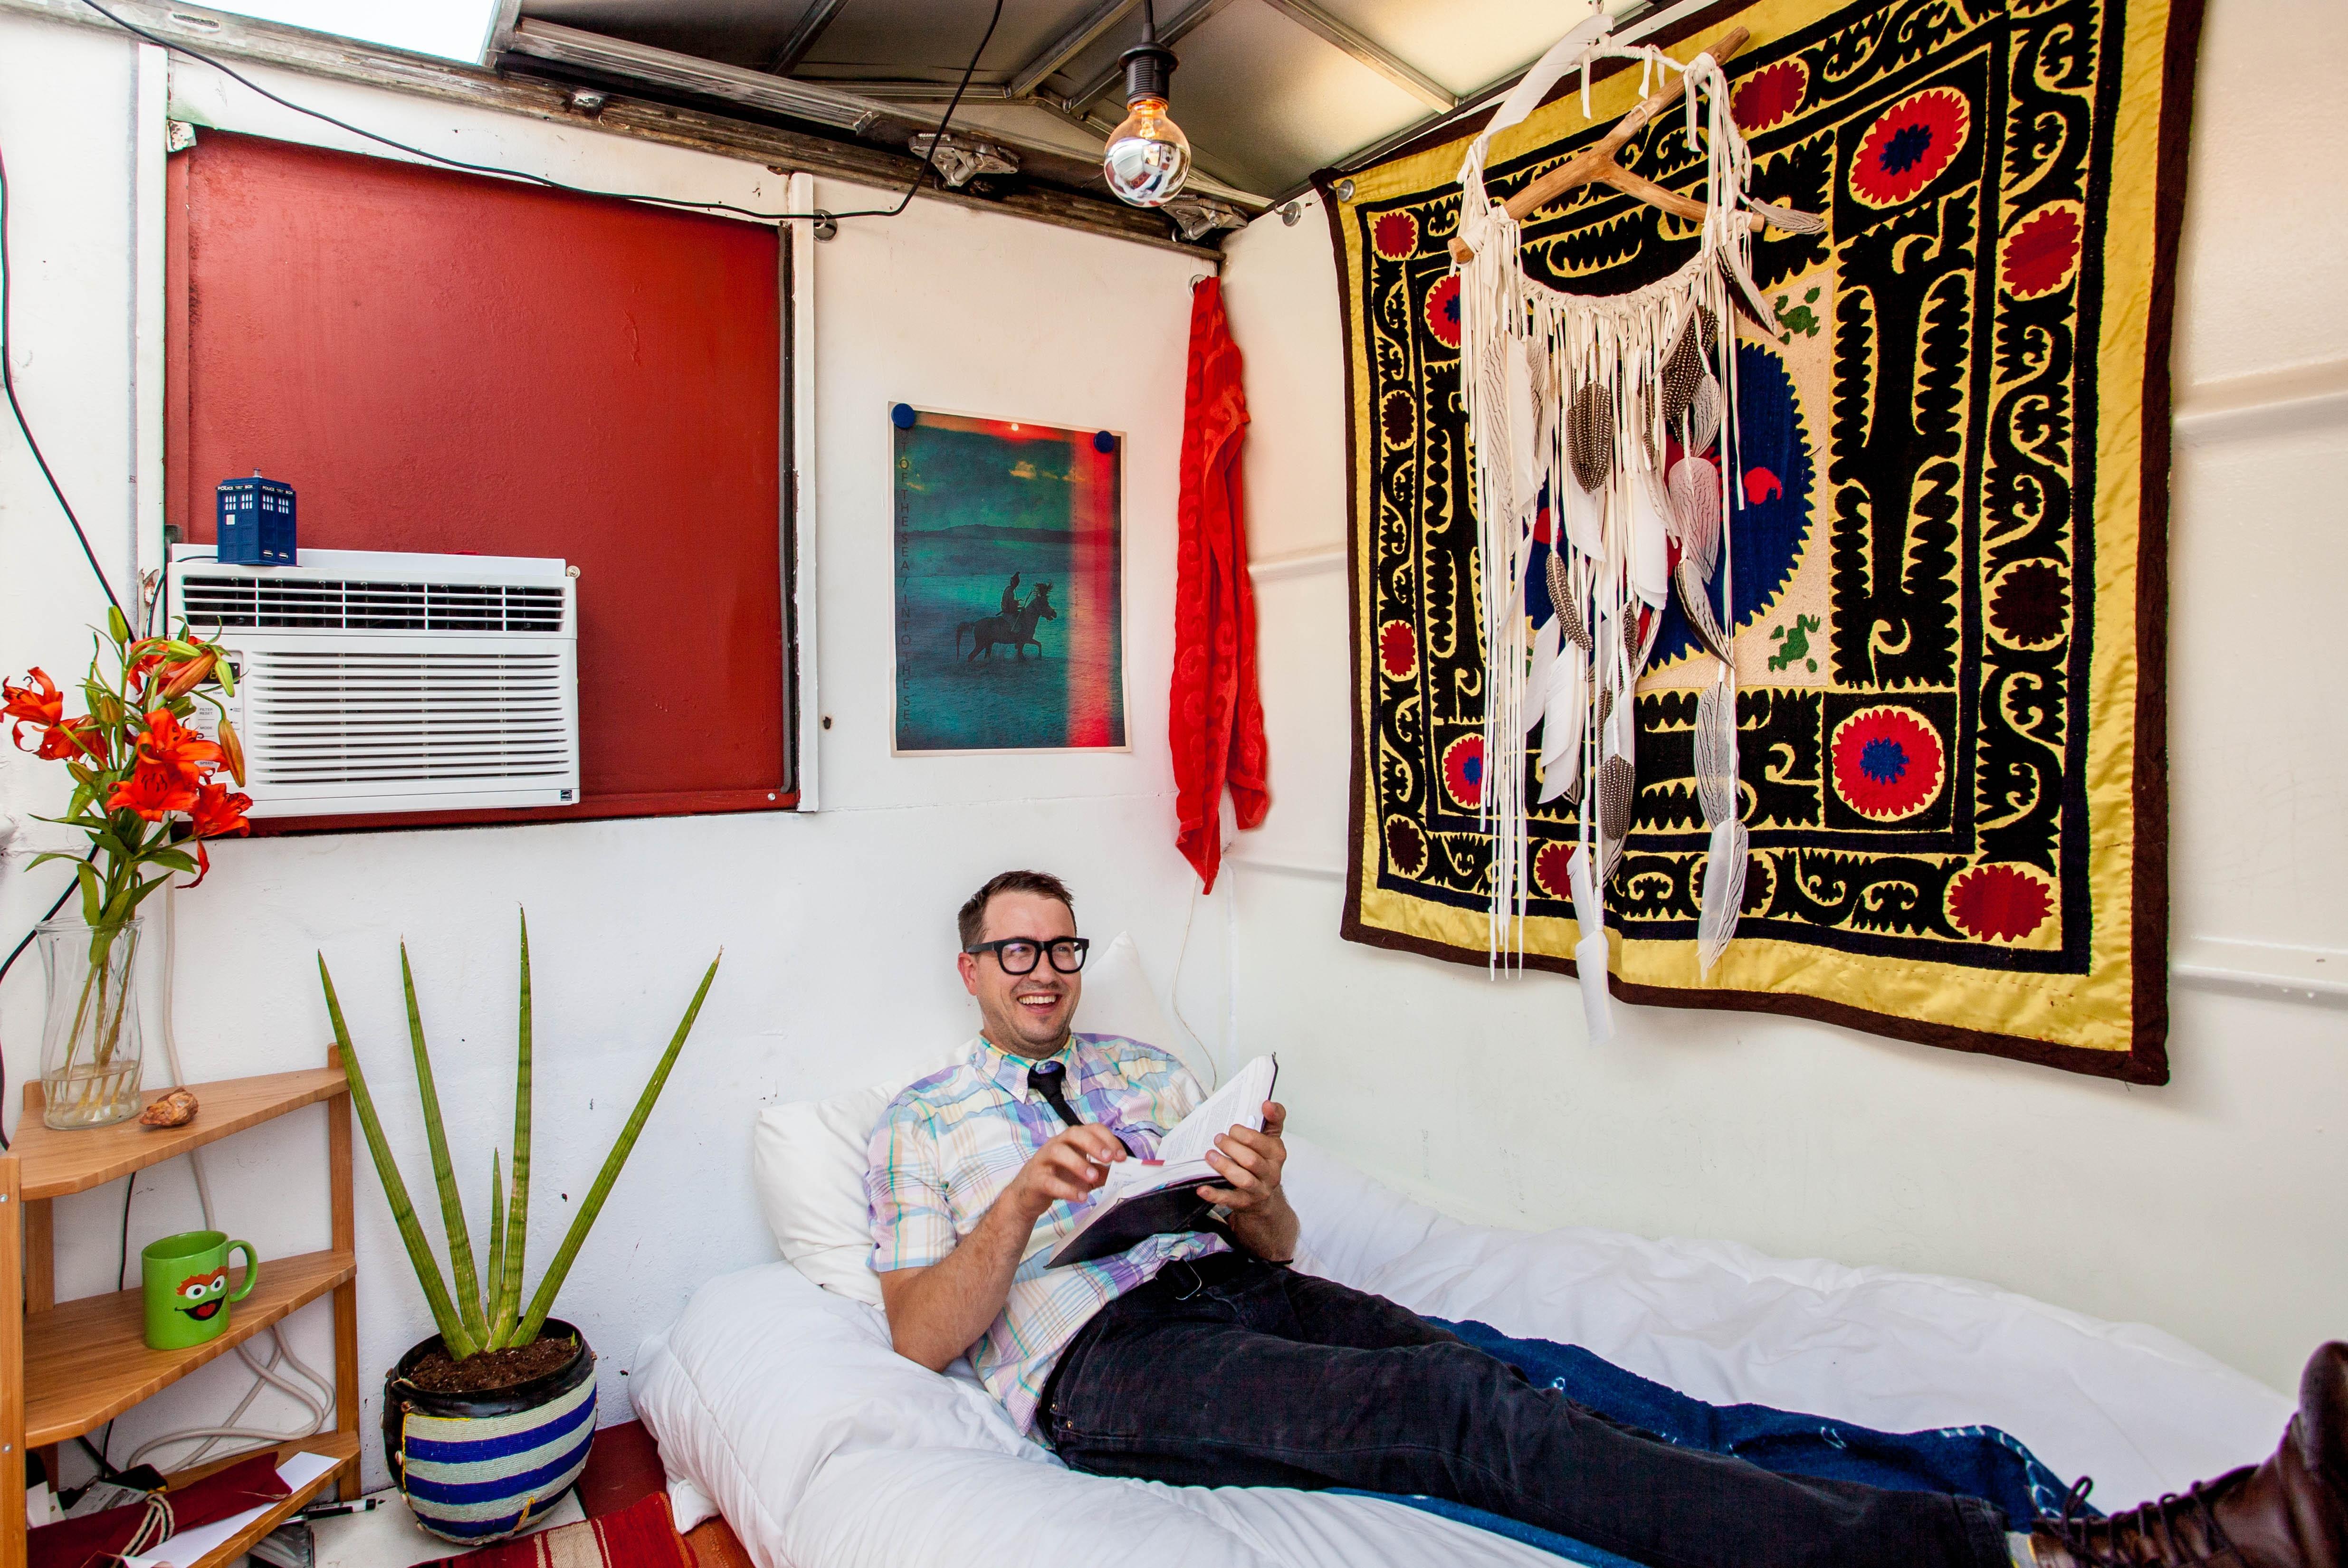 Фото: Sarah Natsumi/theatlantic.com